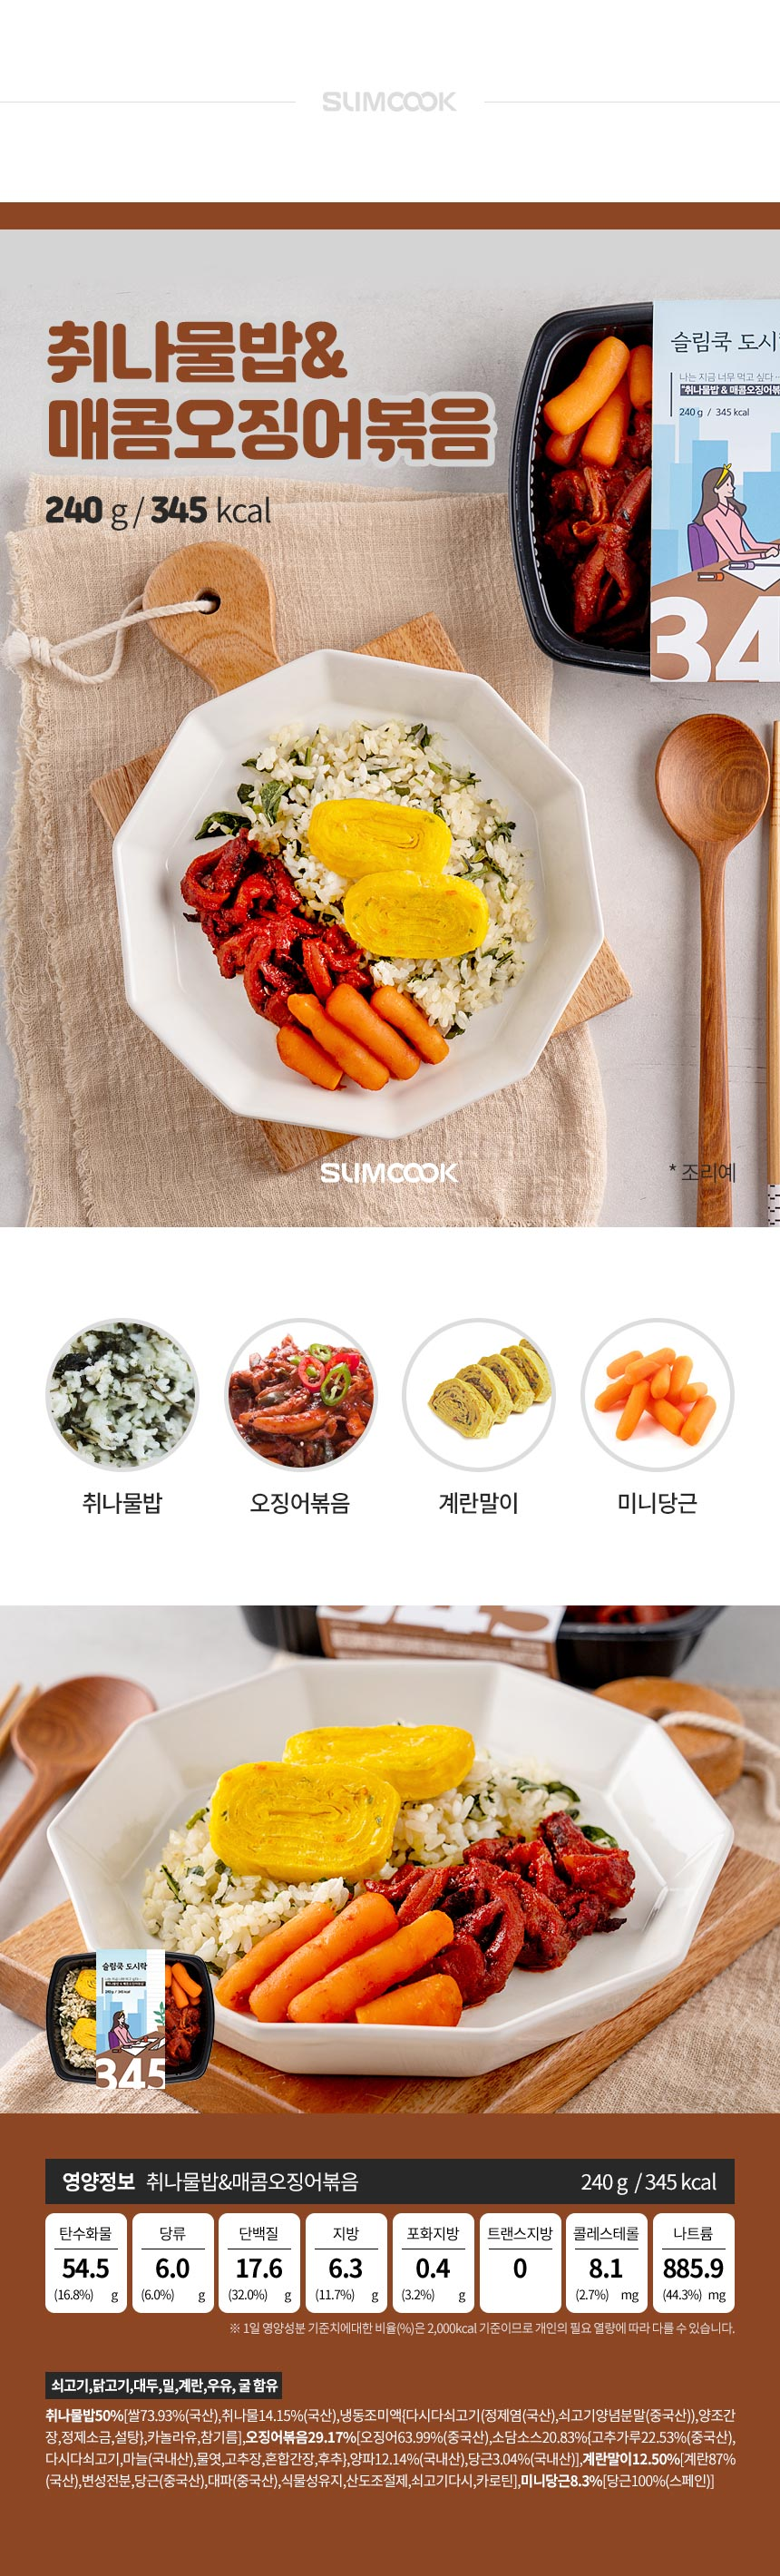 슬림쿡 냉동도시락 취나물밥&매콤오징어볶음